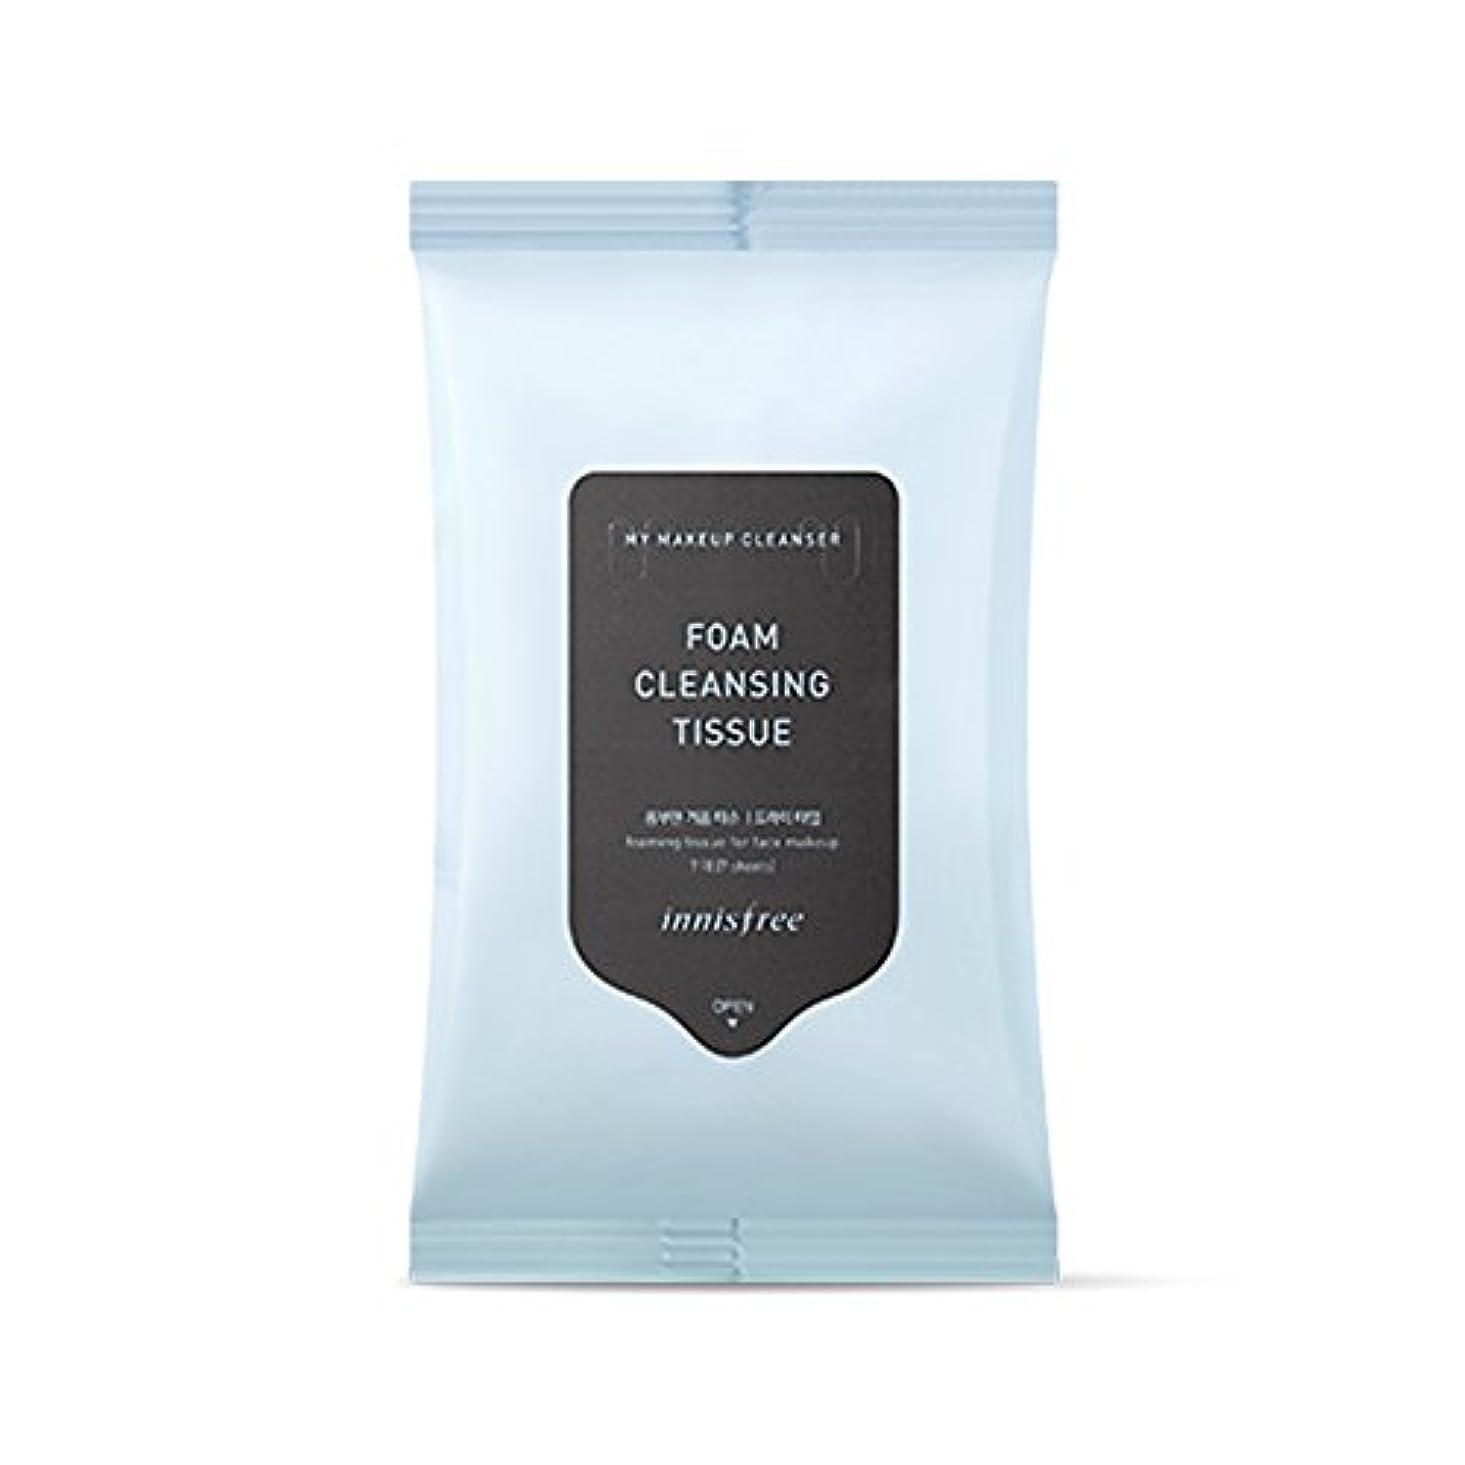 歯オーガニック所属イニスフリーマイメイクアップクレンザー - フォームクレンジングティッシュx 1個 Innisfree My Makeup Cleanser - Foam Cleansing Tissue x 1pcs [海外直送品][...